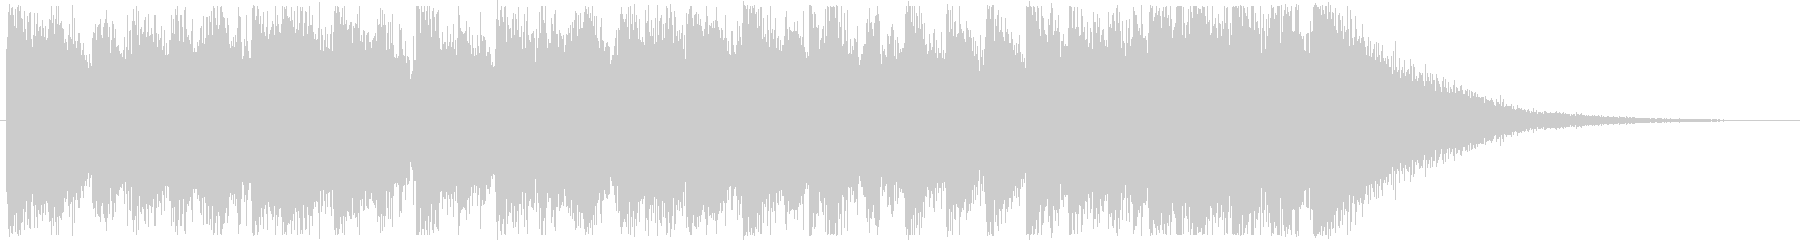 映像・ジングル・楽しいファンク・12秒の未再生の波形